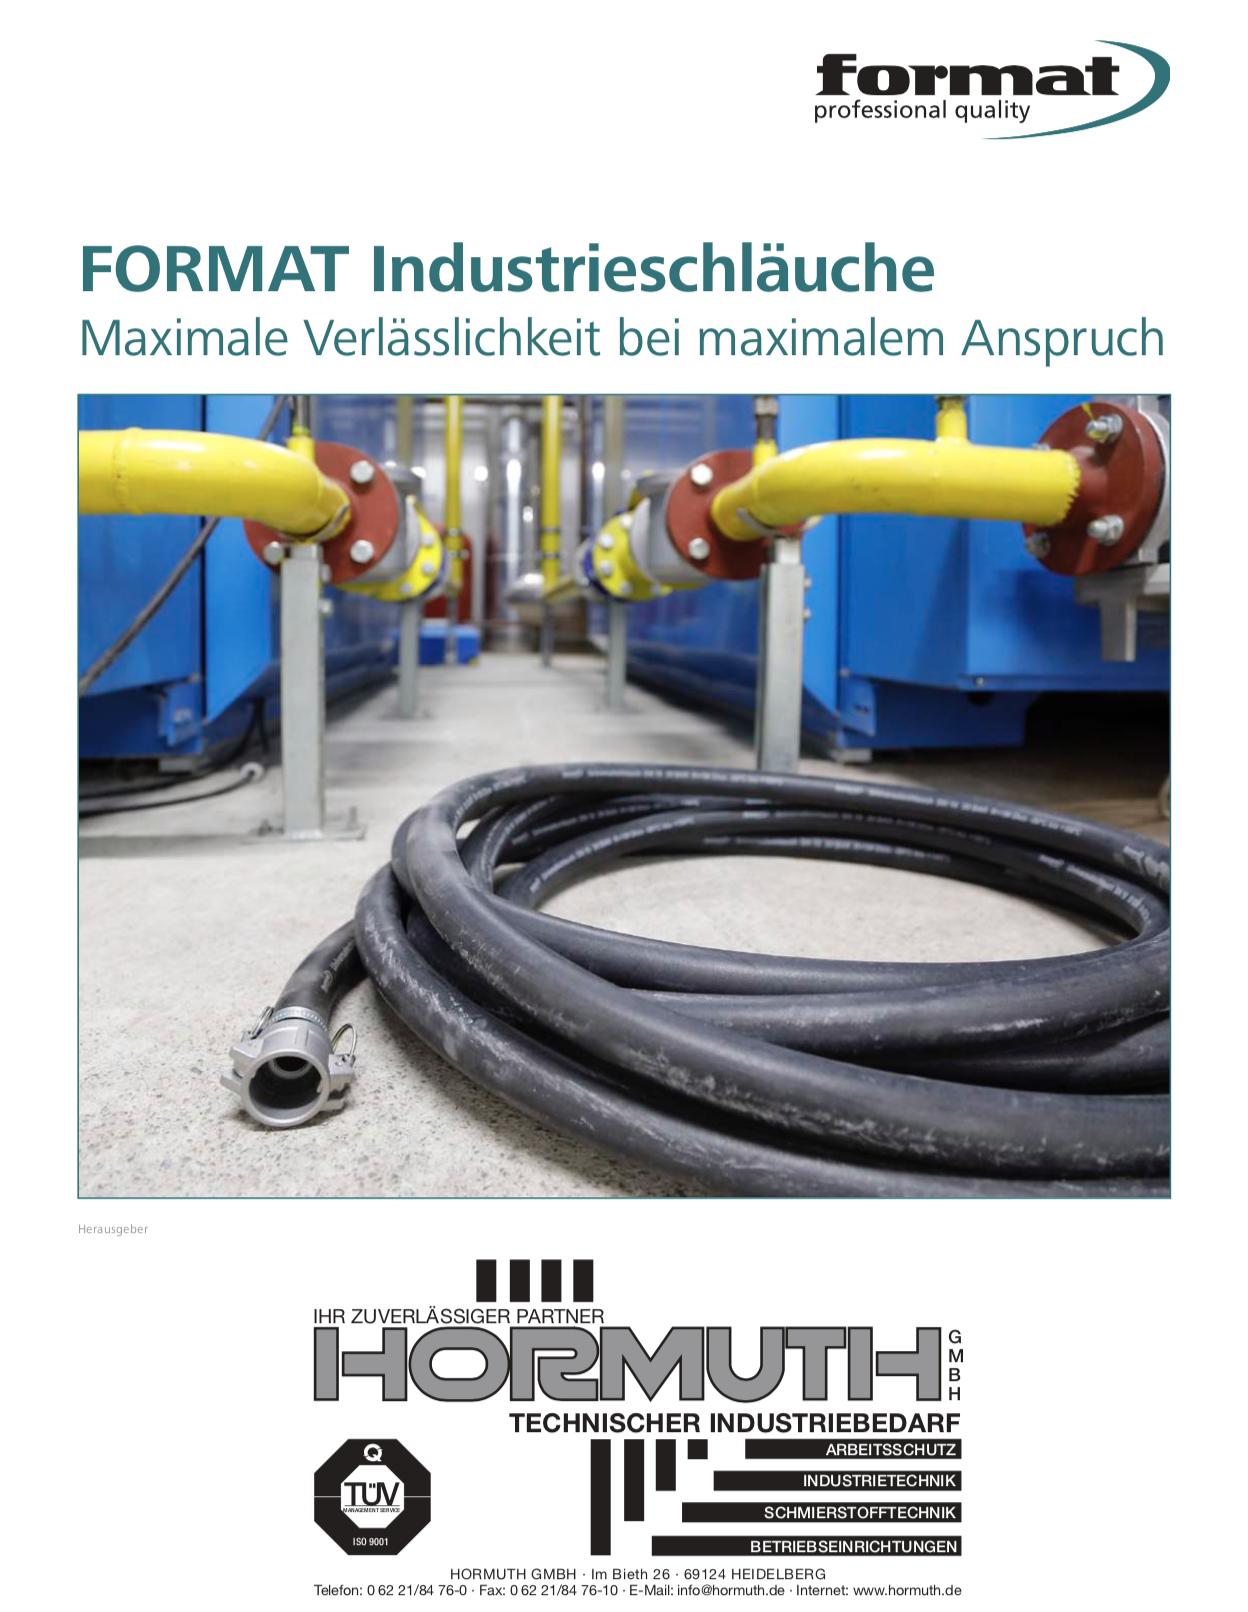 Format- Industrieschlaeuche_cover